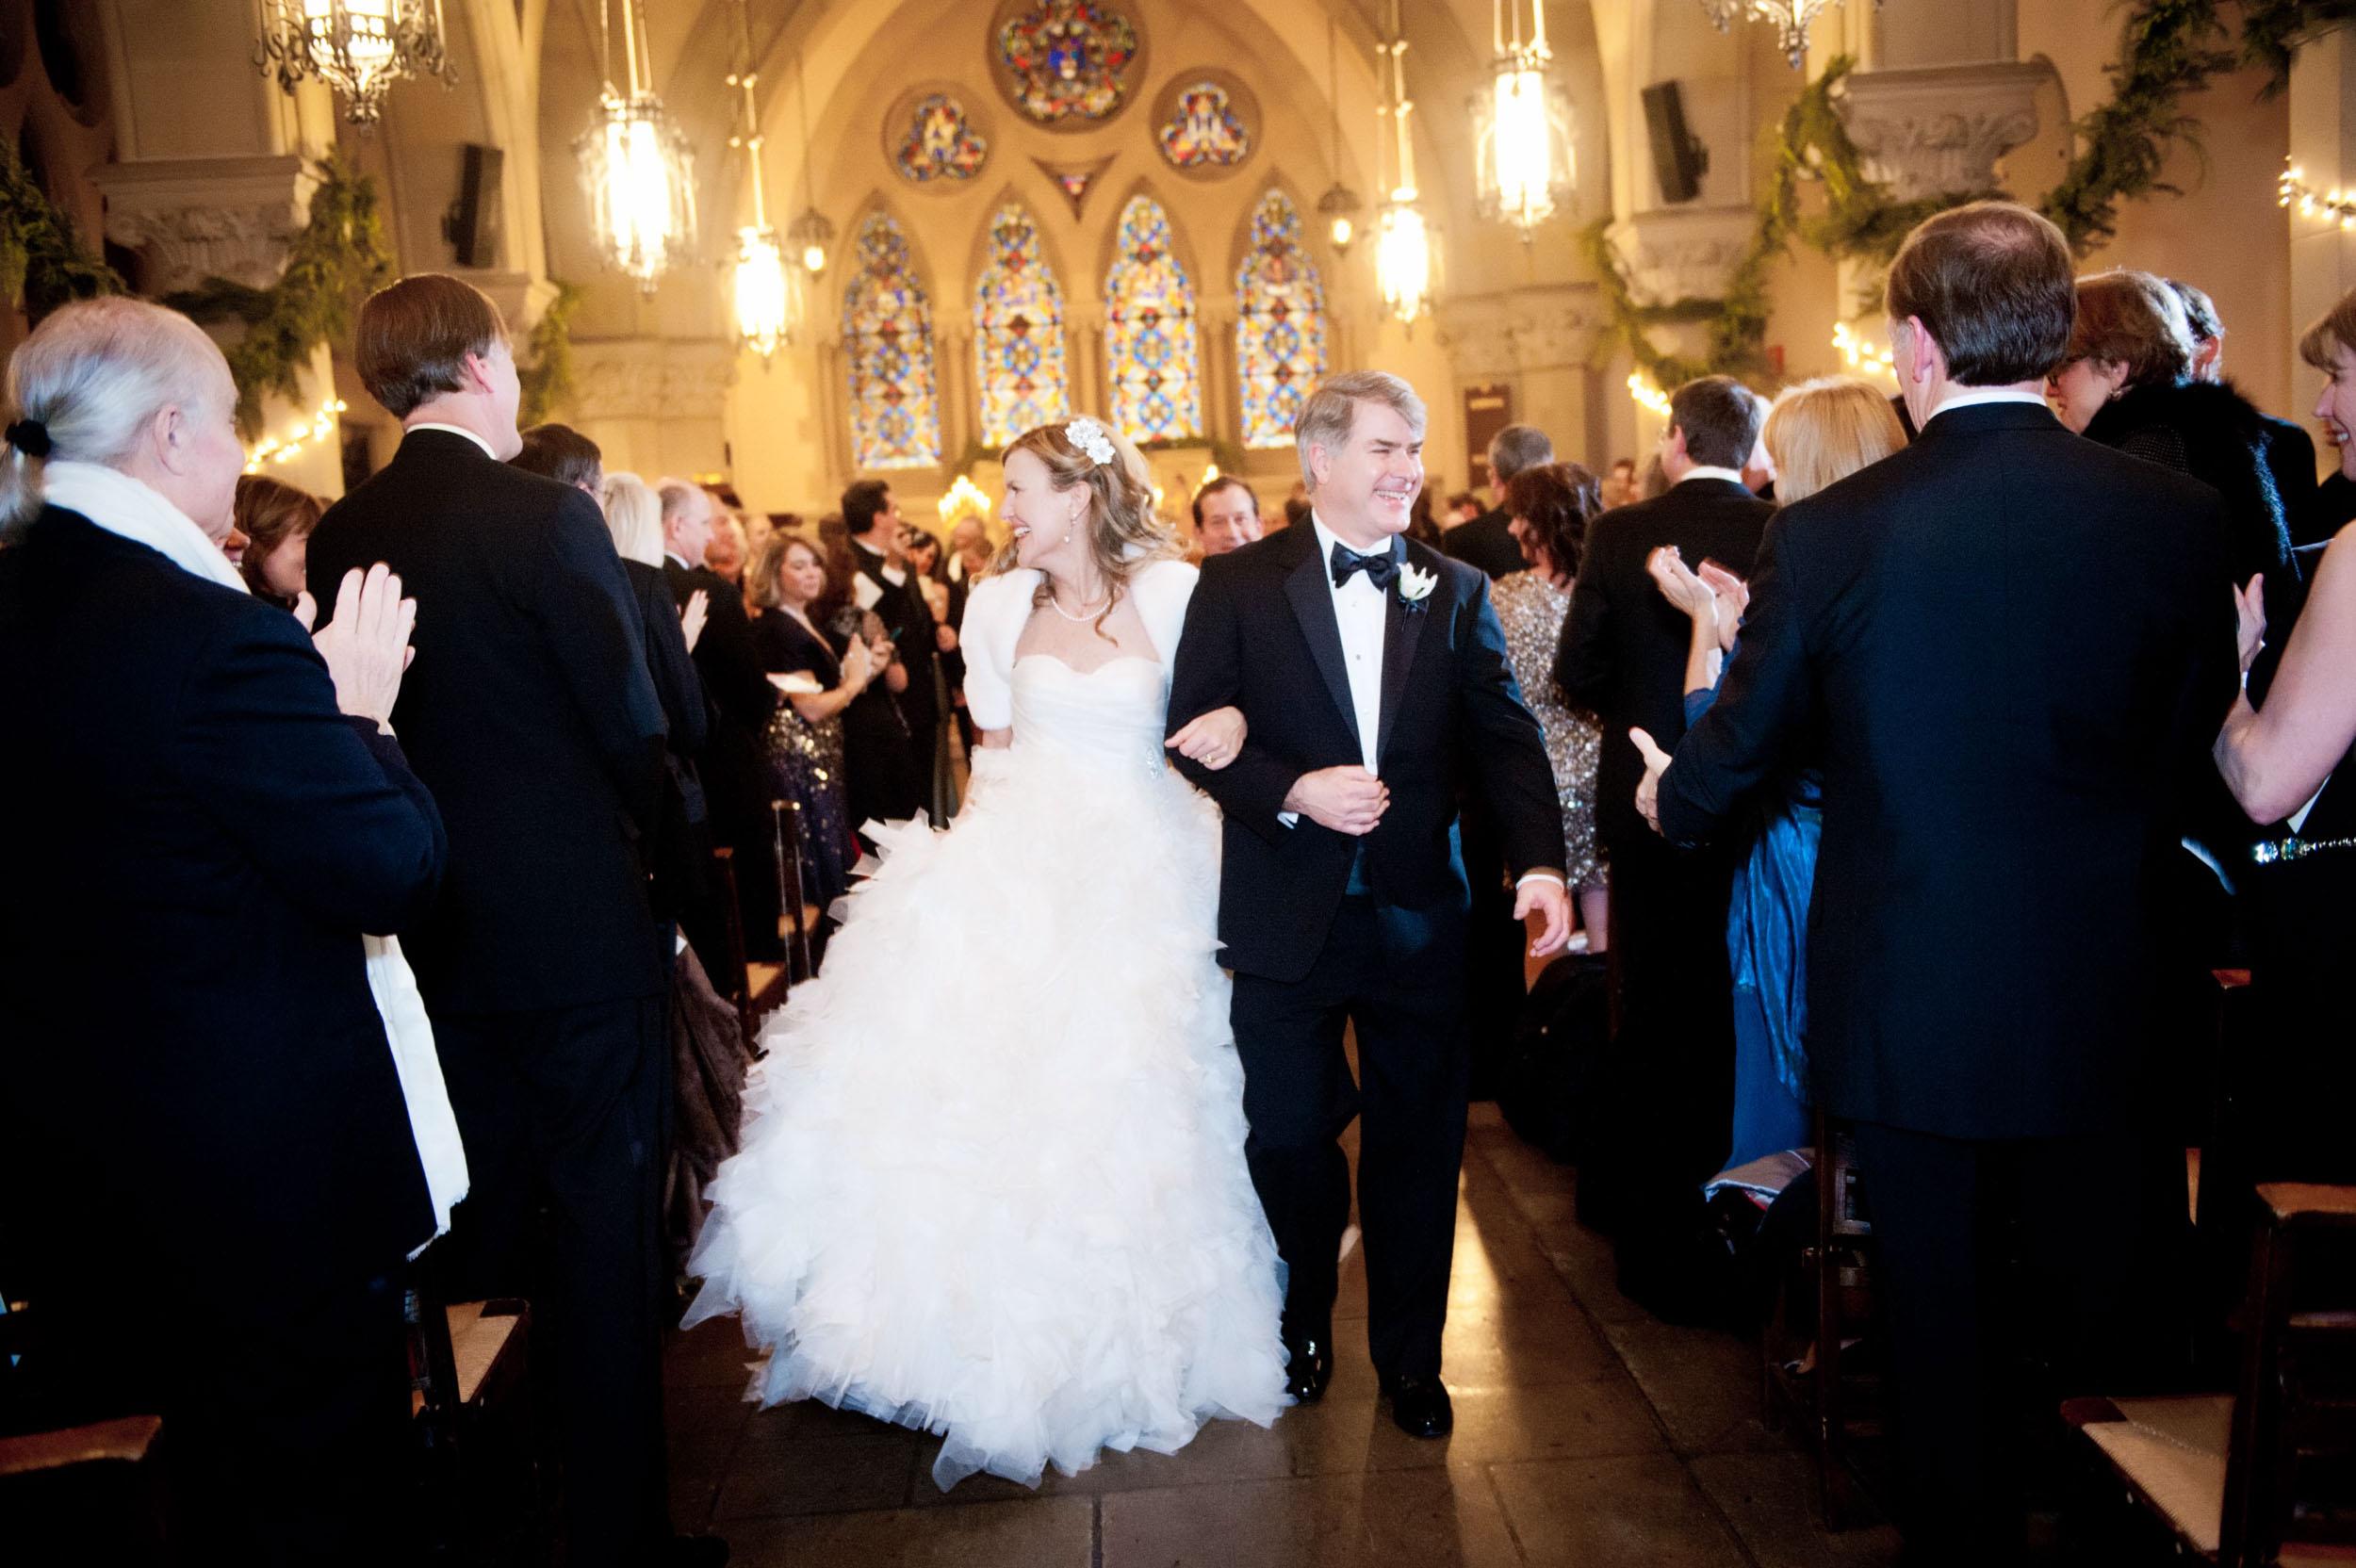 Wedding06BetsySteve-284-Edit-2.jpg